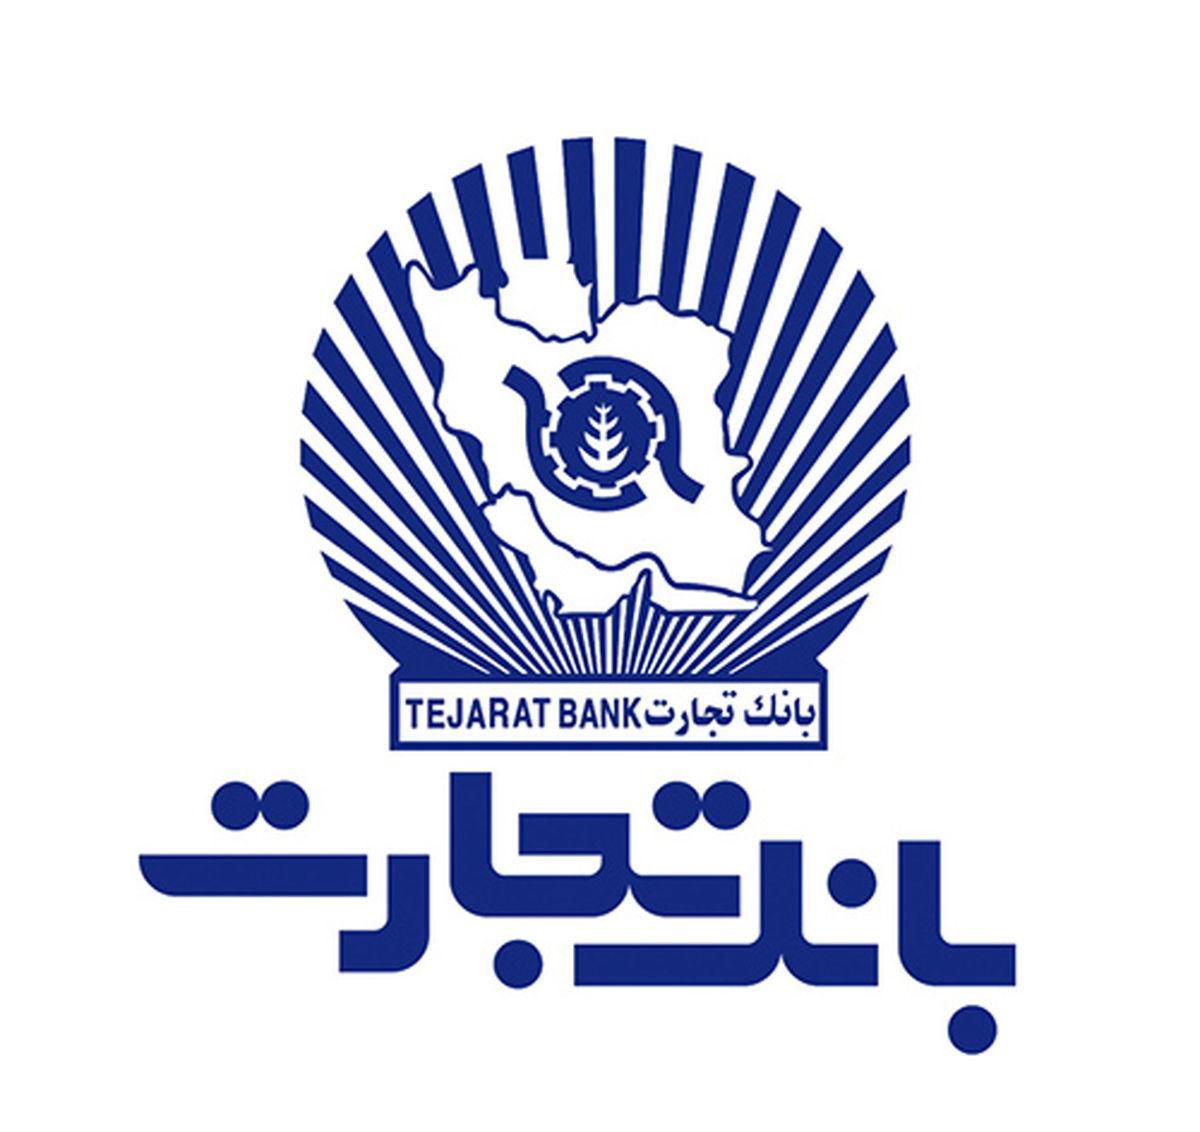 همیاری بانک تجارت در بهار تحصیلی با دانش آموزان ایرانی